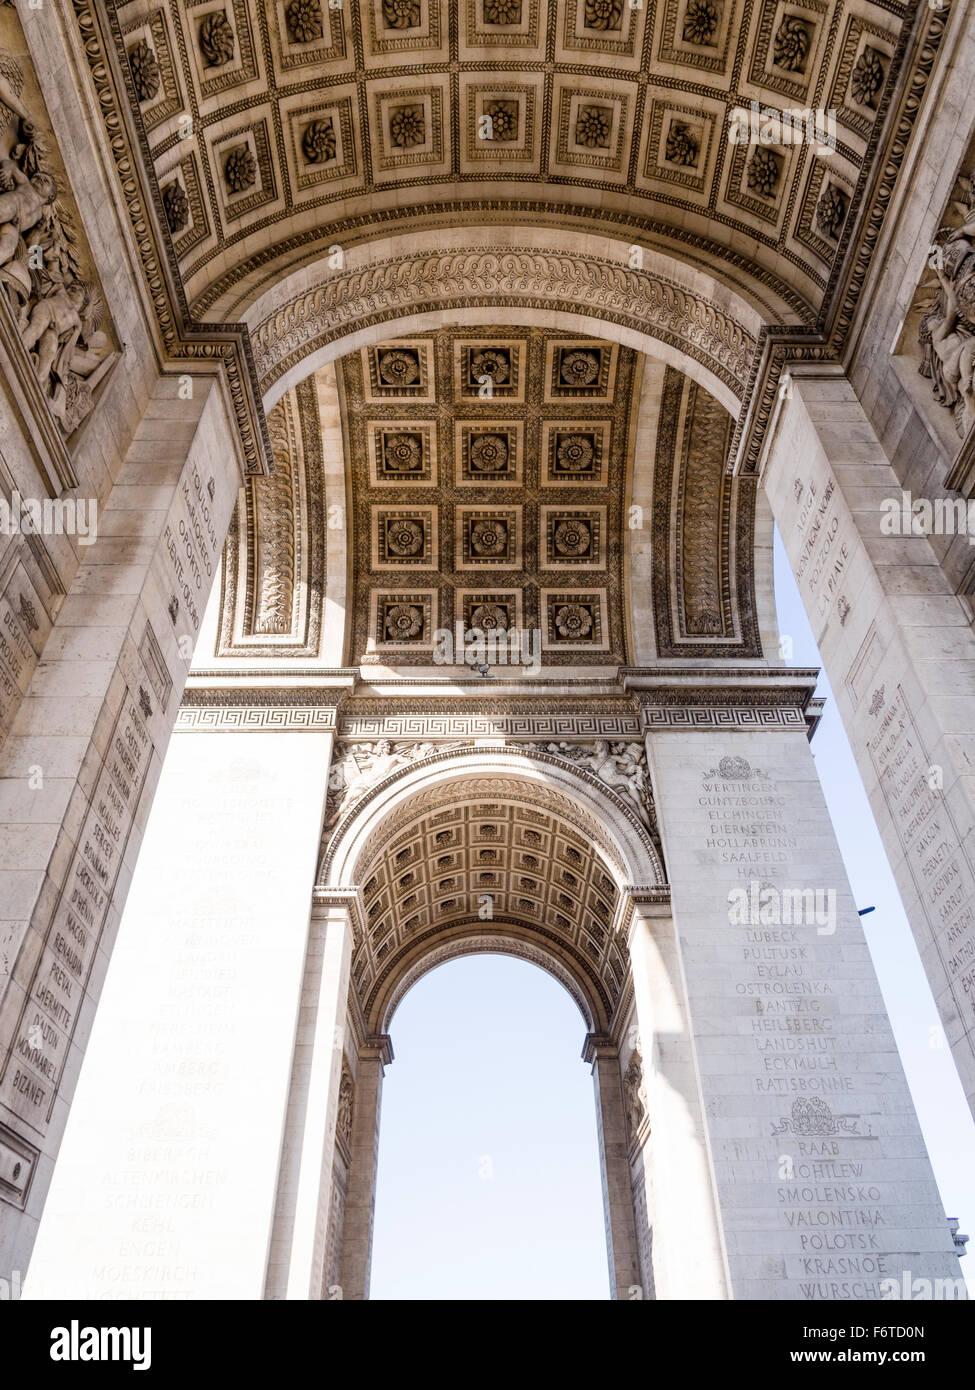 Unter dem Bogen. Die detaillierte dekorative Arbeit unter dem Arc de Triomphe in Paris. Stockbild